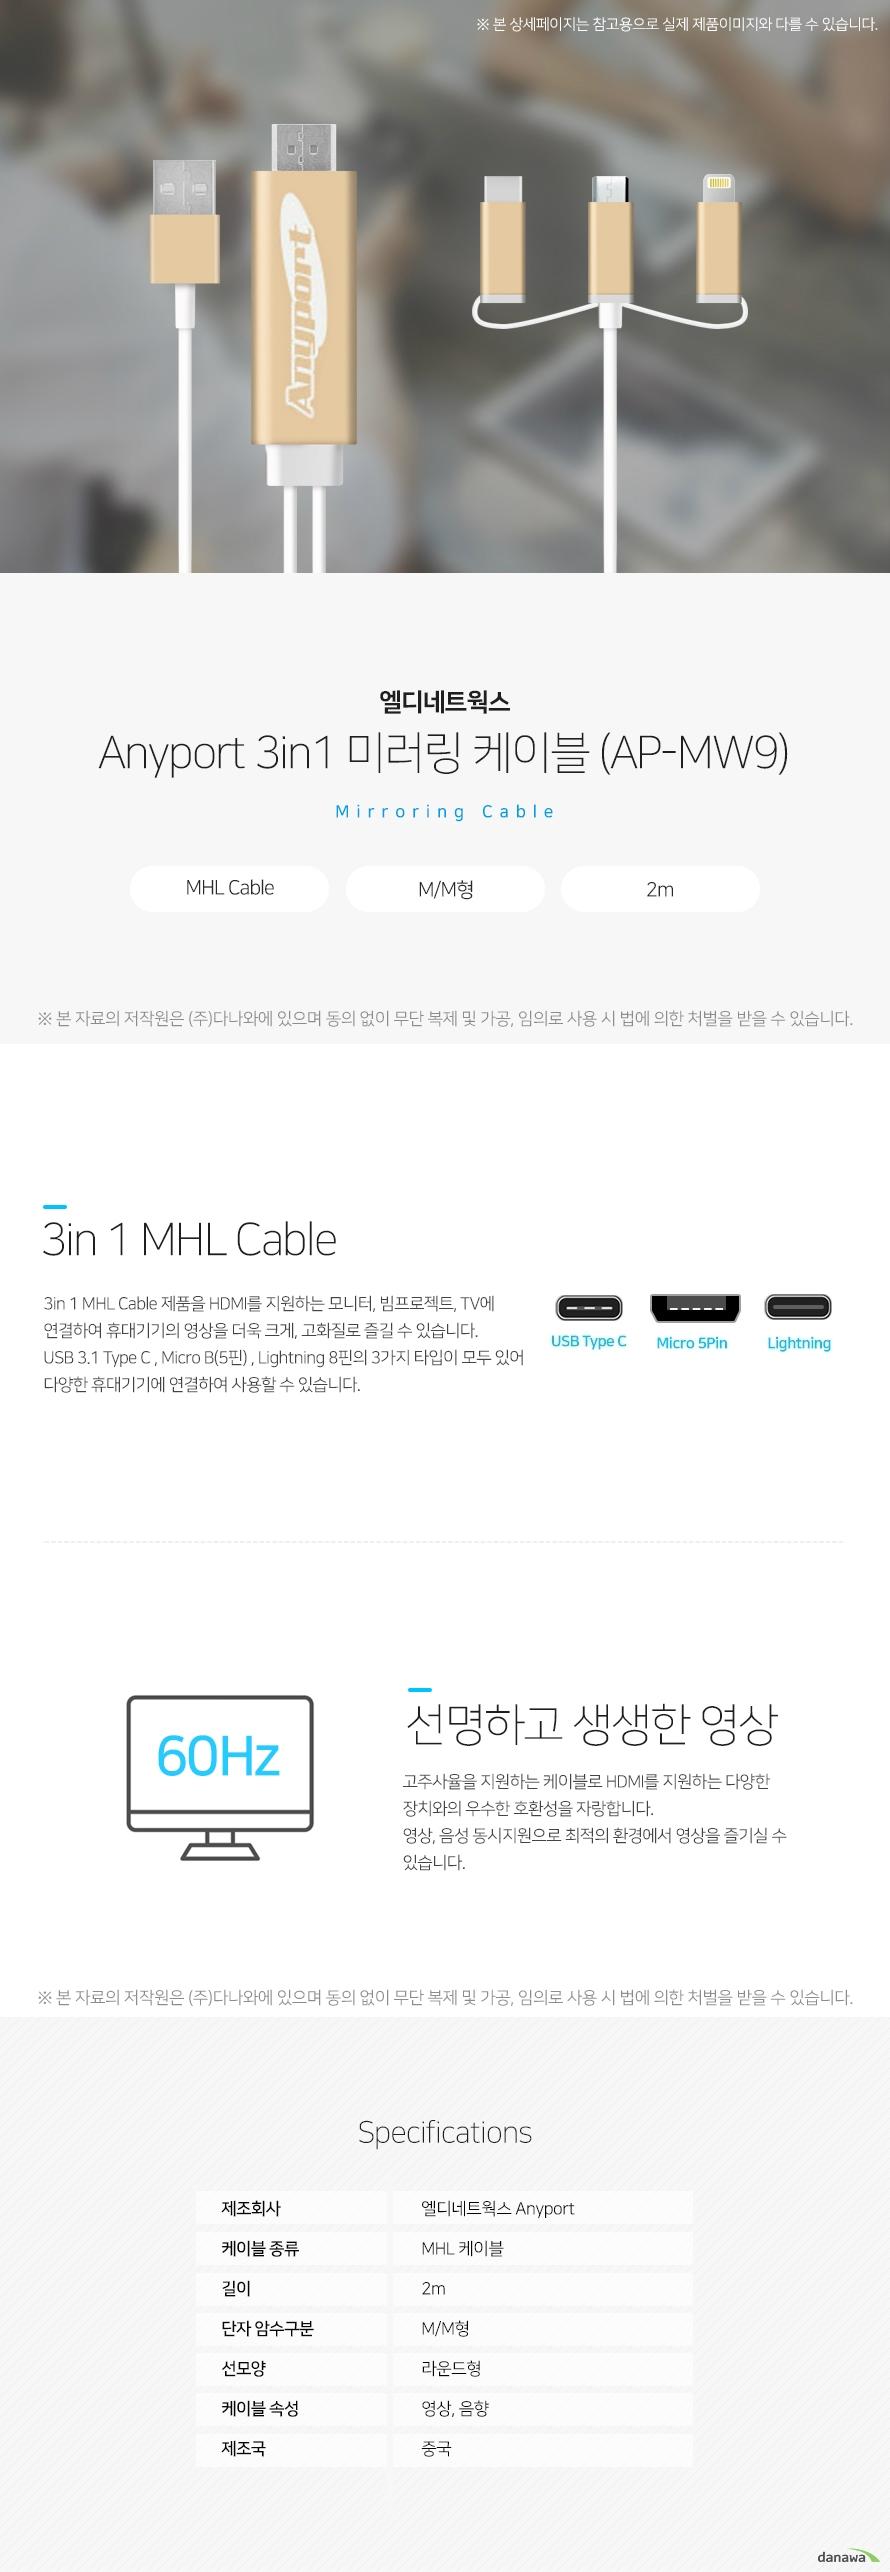 엘디네트웍스 애니포트 3in1 미러링케이블 AP-MW9 3in1 MHL 케이블 3in1 MHL 케이블 제품을 HDMI를 지원하는 모니터, 빔프로젝트, TV에 연결하여 휴대기  기의 영상을 더욱 크게, 고화질로 즐길 수 있습니다. USB 3.1 Type C, Micro B(5핀), Lightning 8핀의 3가지 타입이 모두 있어 다양한 휴대  기기에 연결하여 사용할 수 있습니다. 선명하고 생생한 영상 고주사율을 지원하는 케이블로 HDMI를 지원하는 다양한 장치와의 우수한 호환성을 자  랑합니다. 영상, 음성 동시지원으로 최적의 환경에서 영상을 즐기실 수 있습니다. 스펙 제조회사 엘디네트웍스 애니포트 케이블 종류 MHL 케이블 길이 2m 단자 암수구분 M/M형 선모양 라운드형 케이블 속성 영상,음향 제조국 중국